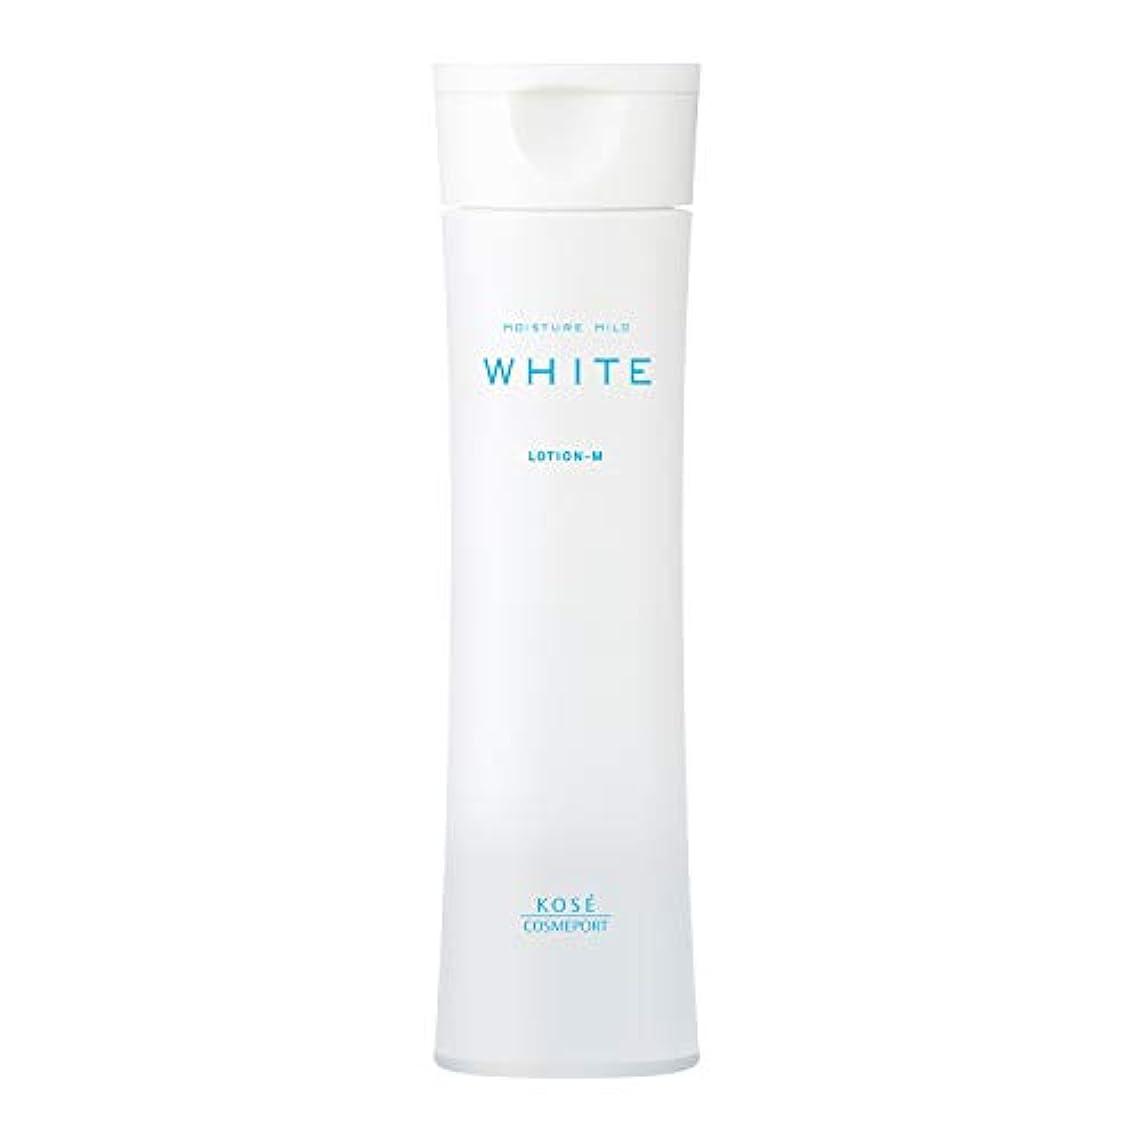 断片外向きシニスモイスチュアマイルド ホワイト ローションM (しっとり 化粧水) 180mL